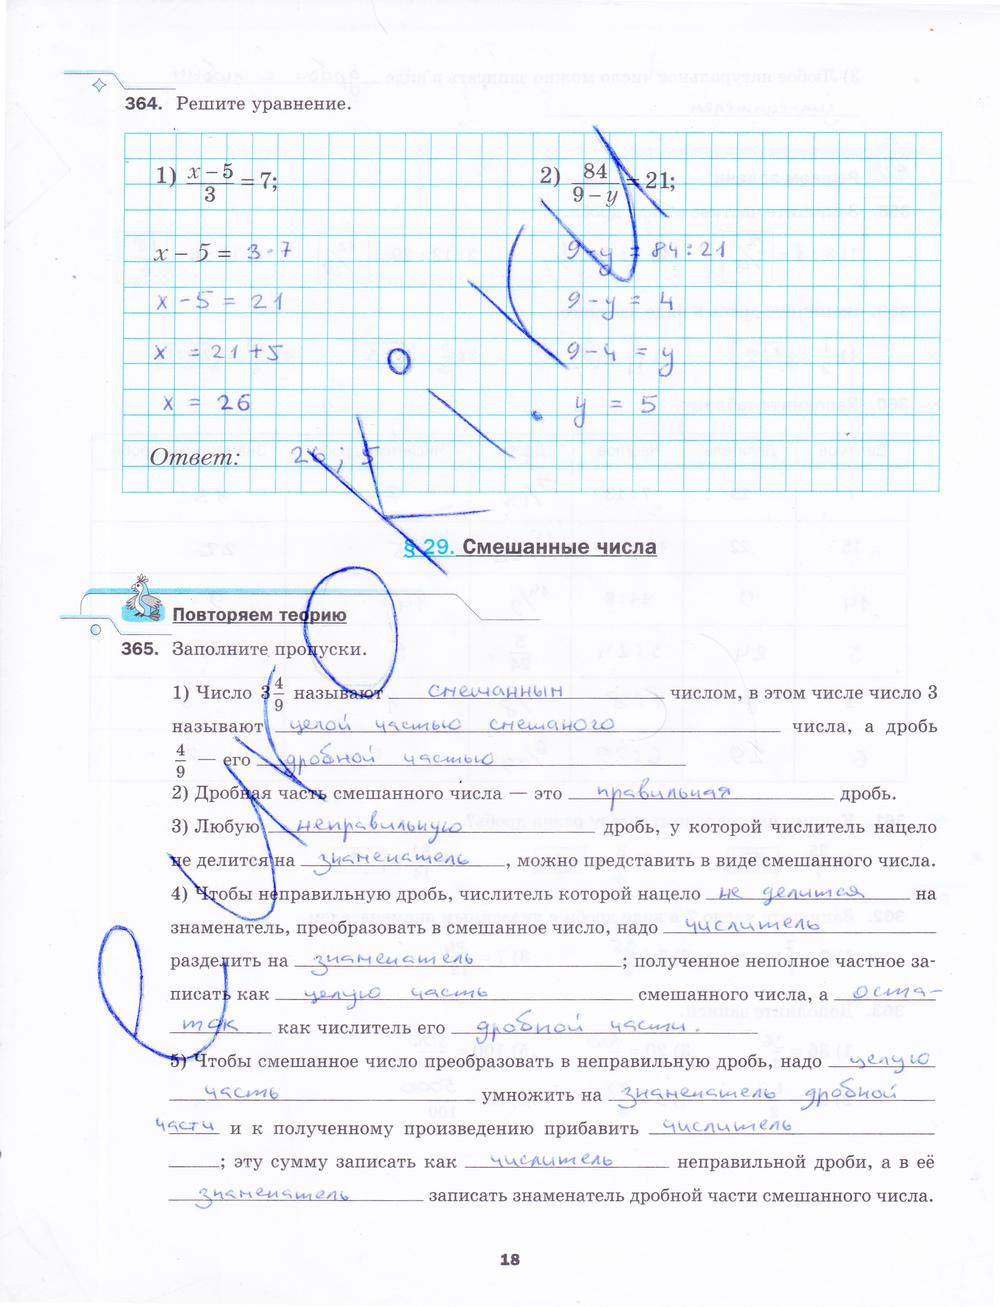 гдз по математике 5 класс мерзляк рабочая тетрадь 1 часть